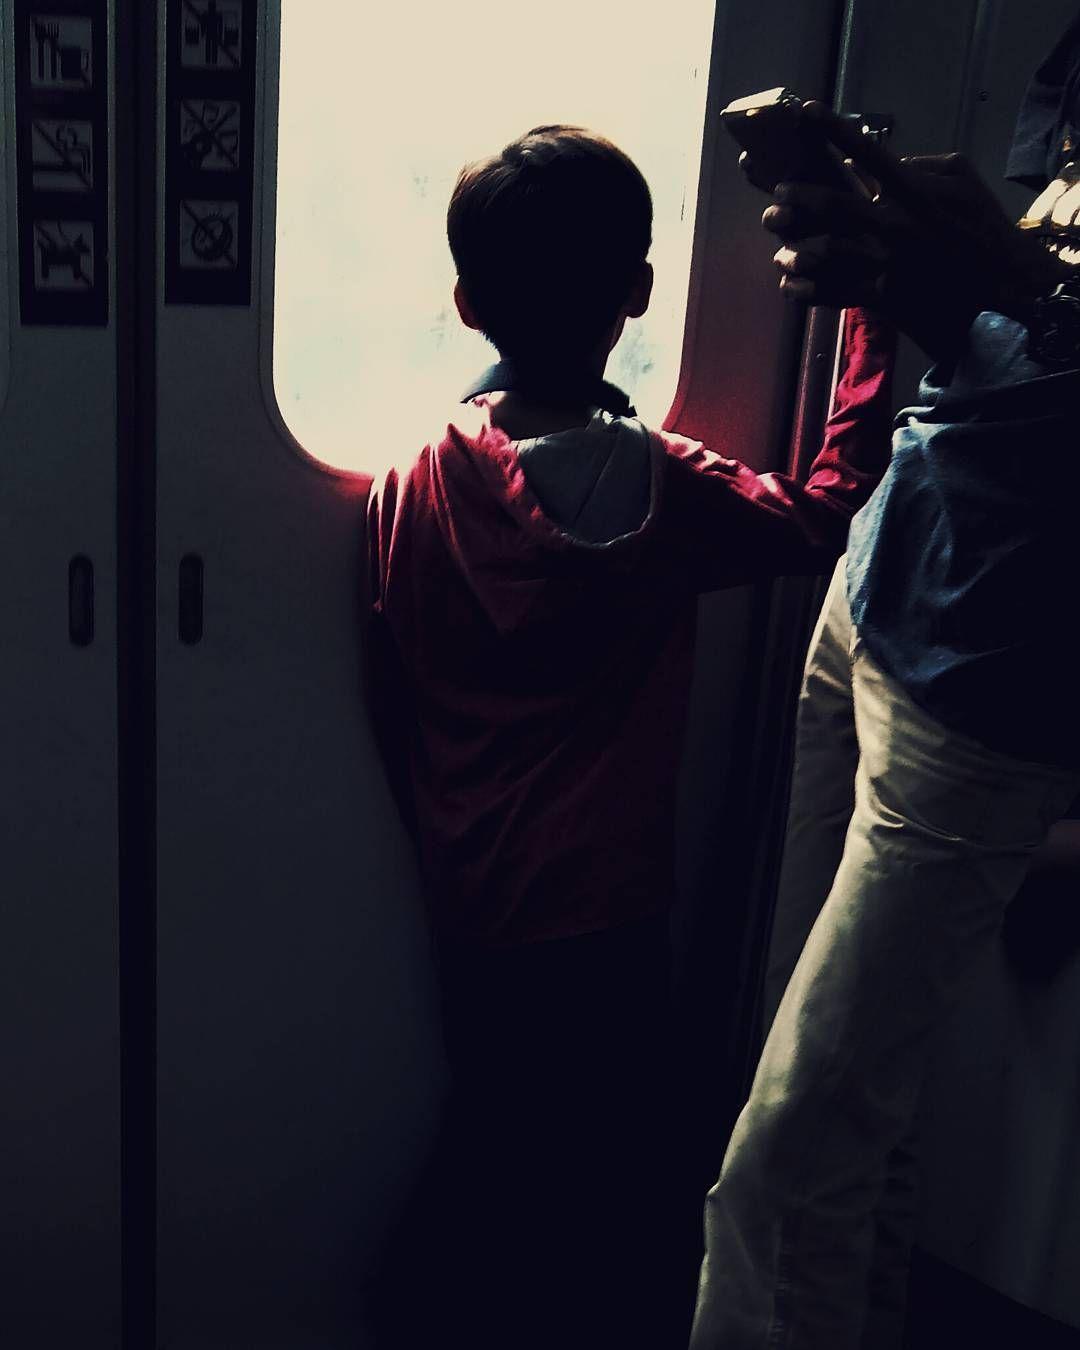 He is seeing ... . . #onthetrain #kid #aboy #streetphotography #streetphotographyinternational #streetphotoincolor #streetphotoindonesia #streetphotonesia #humaninterest #SPi_Colour #urbanlife #mobilephotography #atsocialmedia #krlcommuterlinejabodetabek #KAI